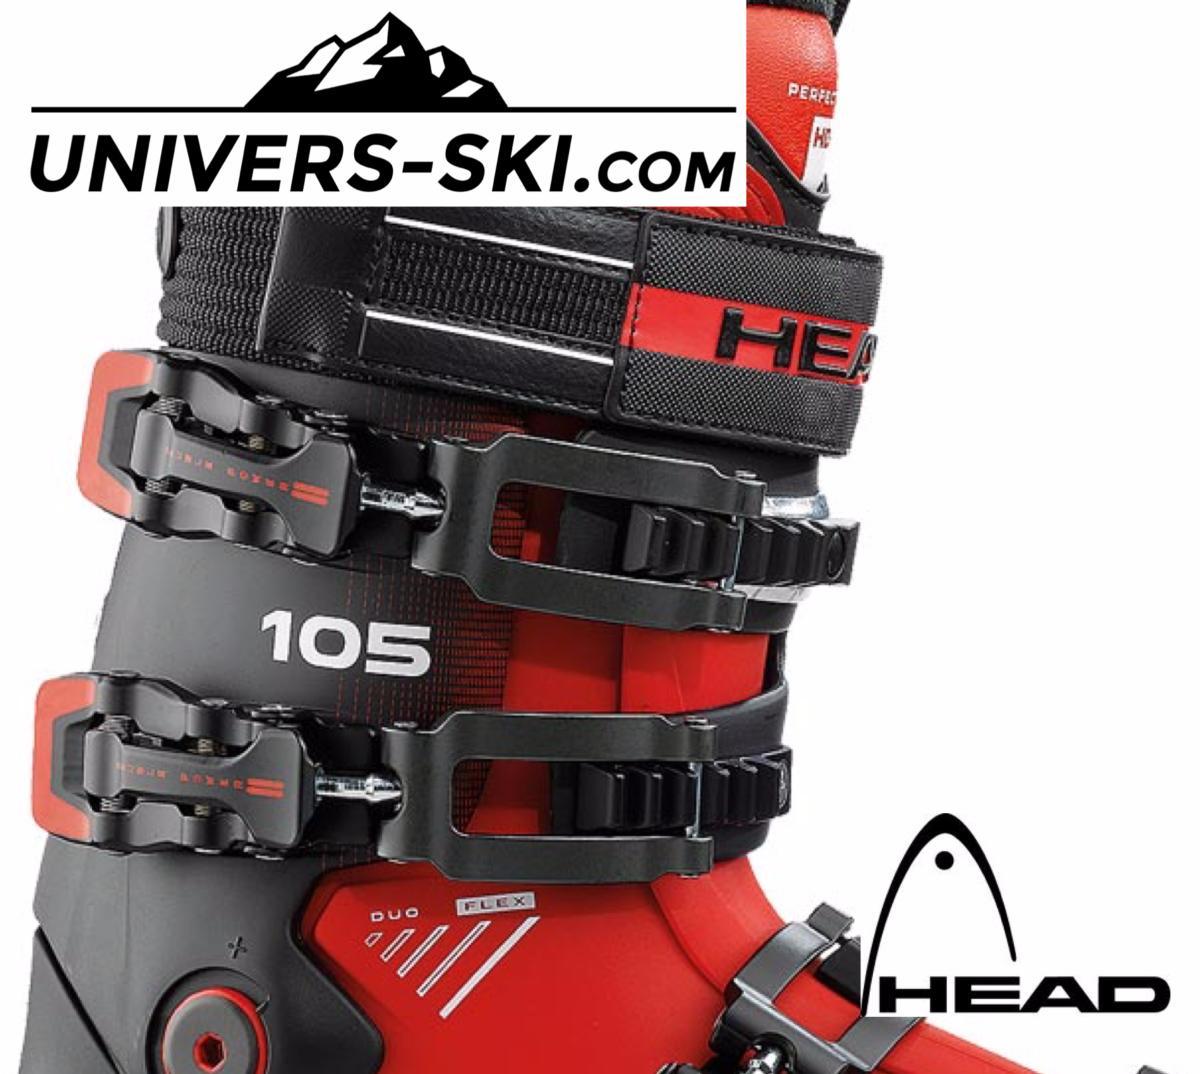 sur des coups de pieds de sortie en ligne commander en ligne Chaussures de ski HEAD Advant Edge 105 Trs Red Black 2018